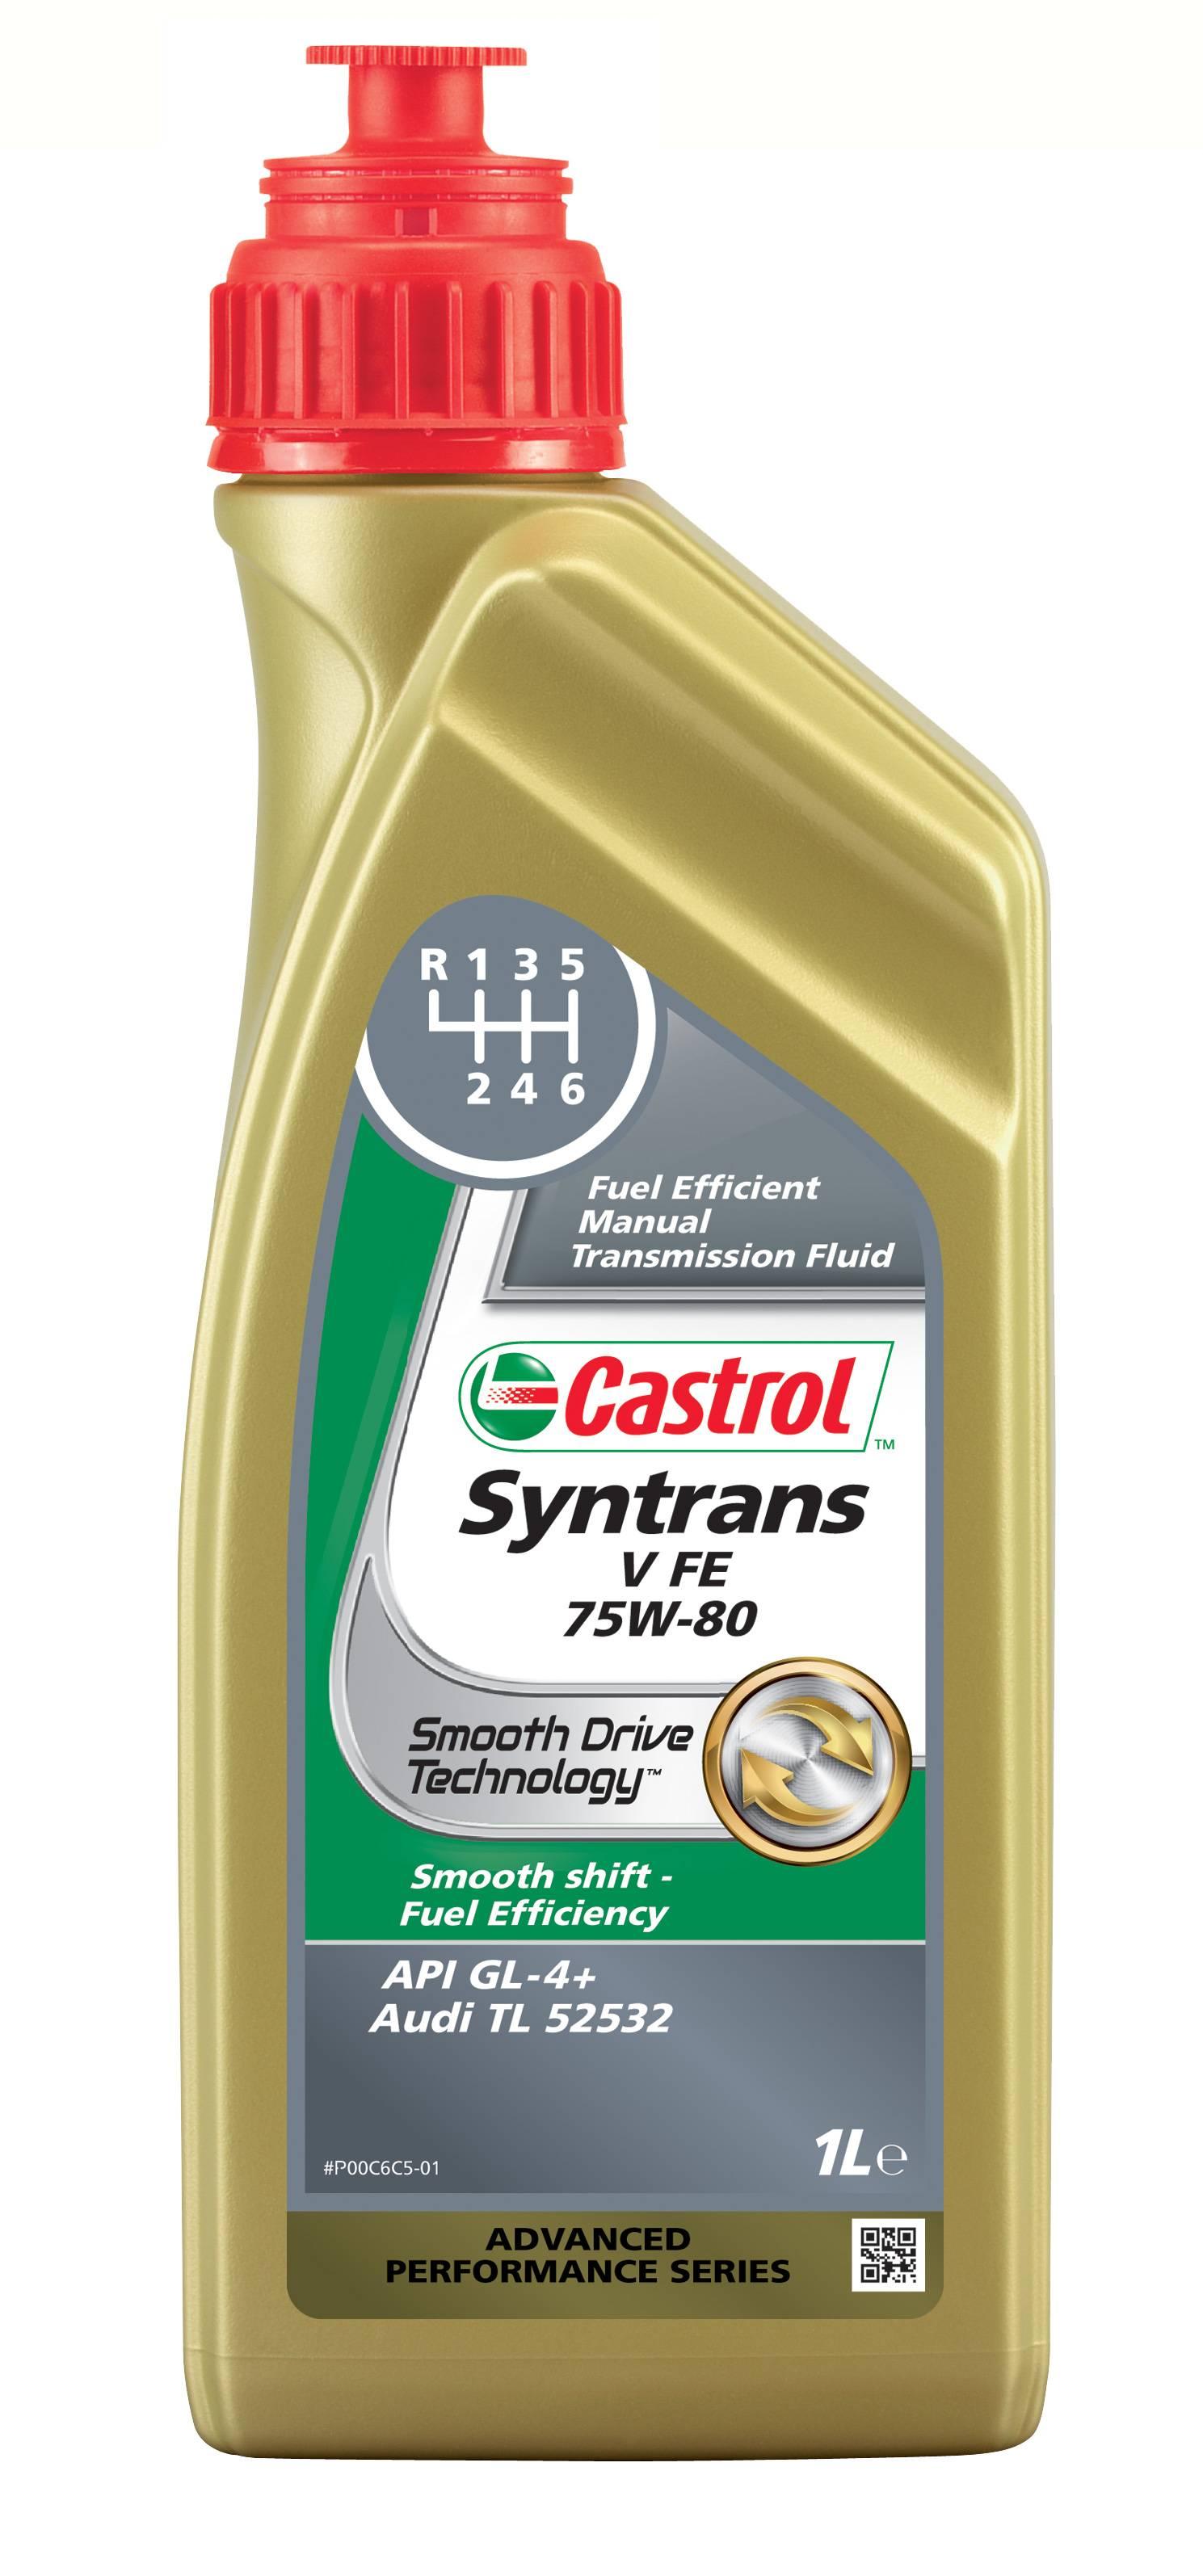 Syntrans V FE Castrol 156C41